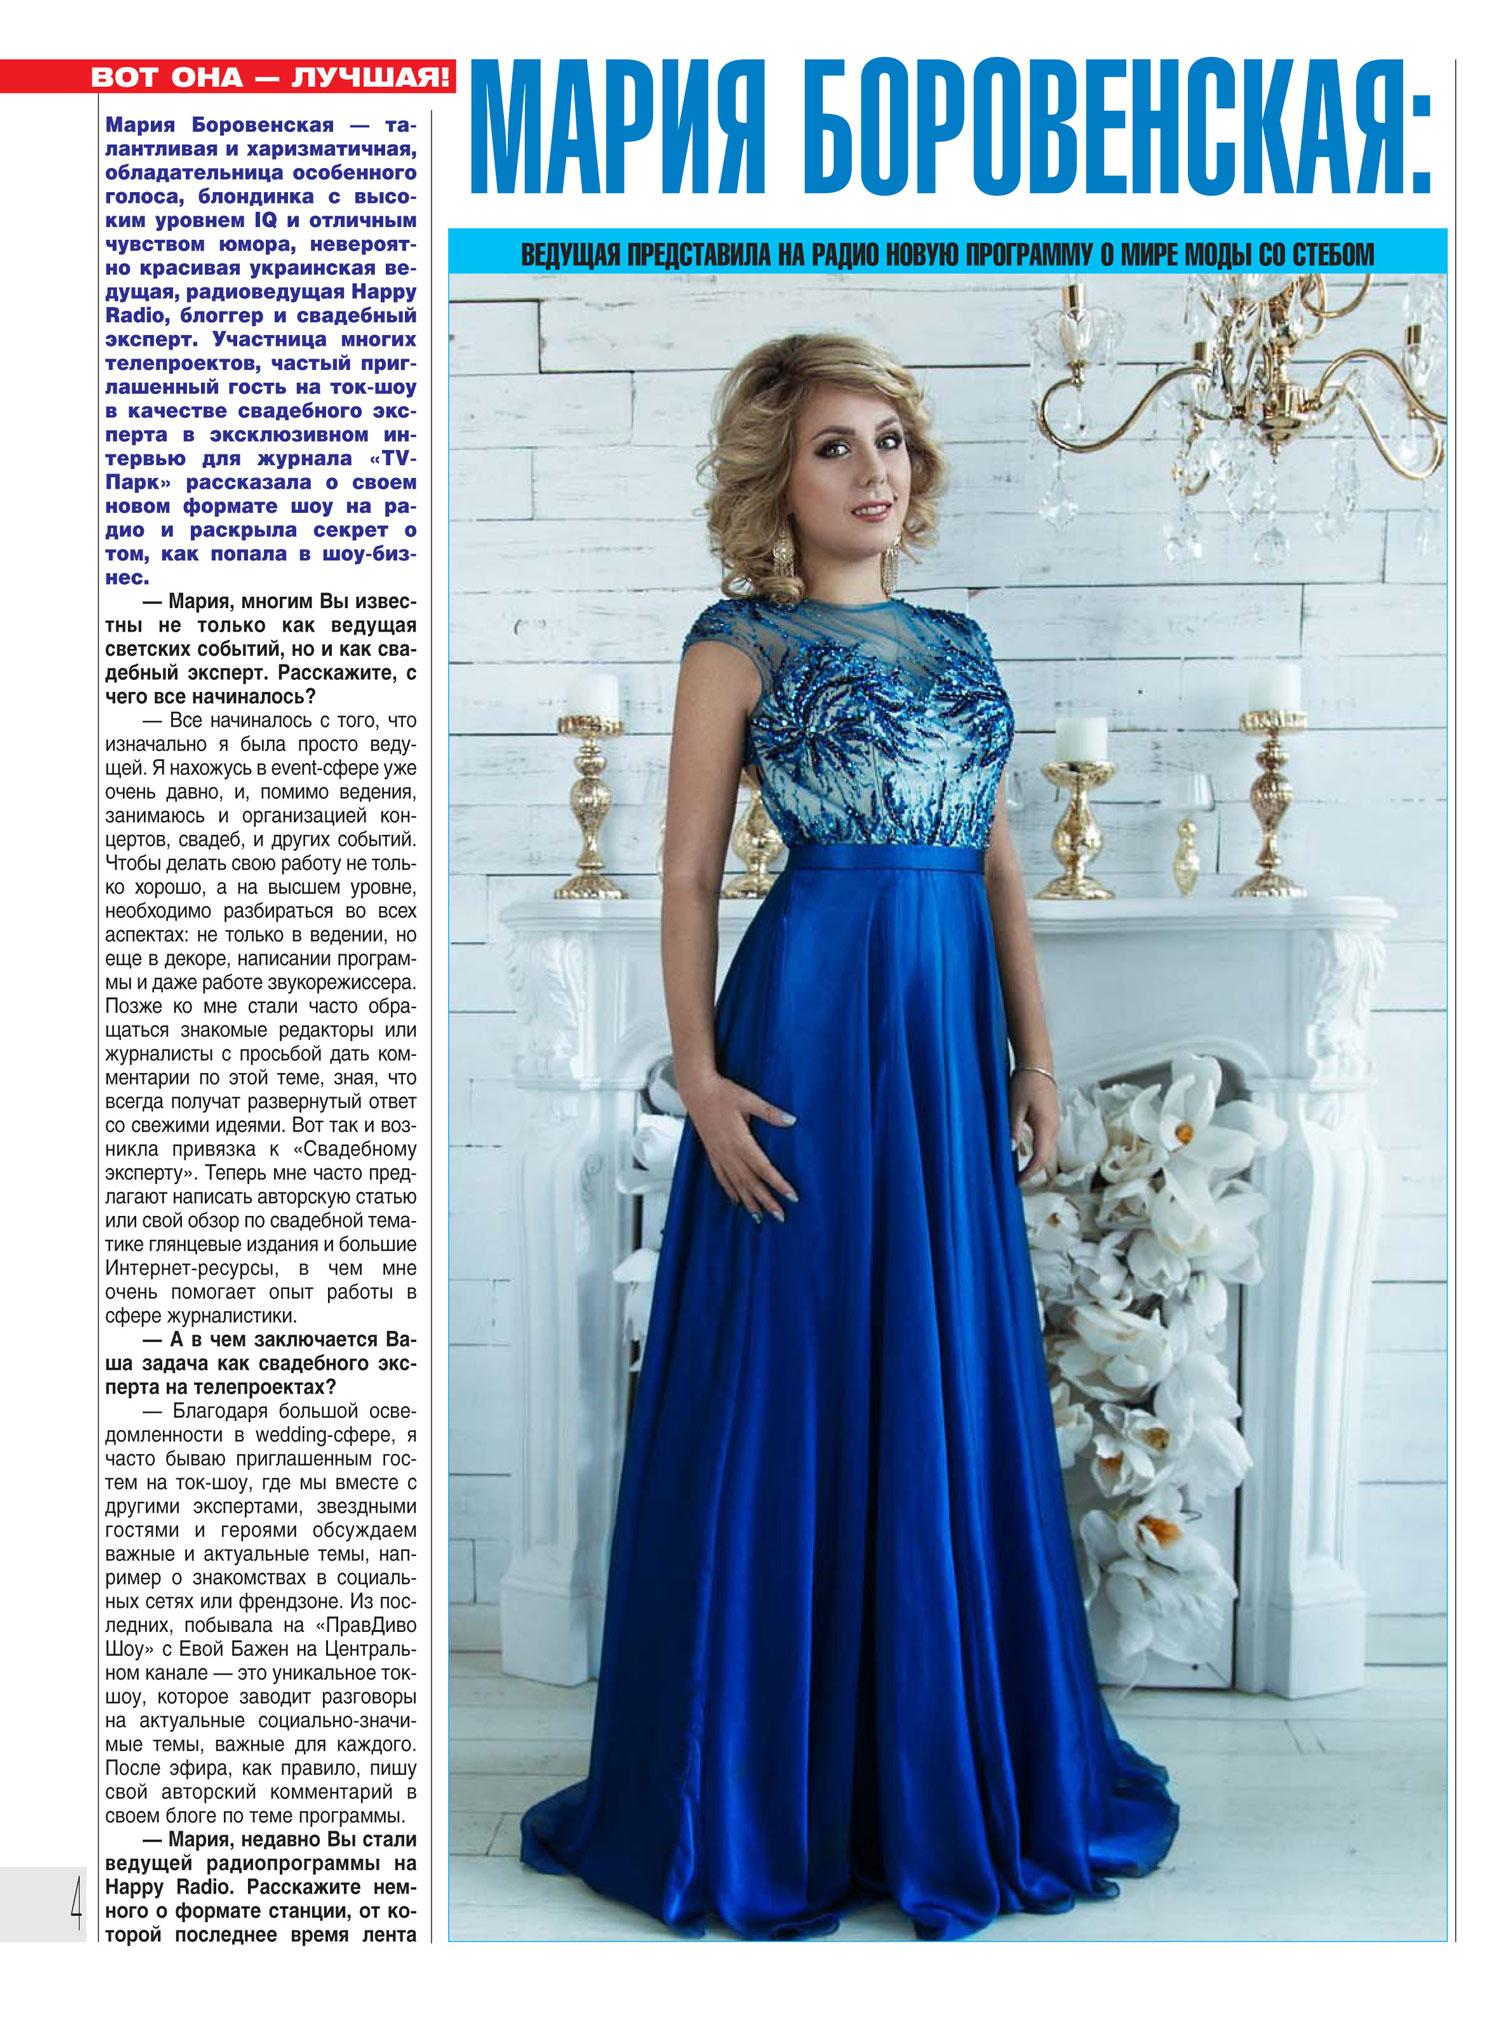 Радиоведущая Мария Боровенская на страницах TV парк